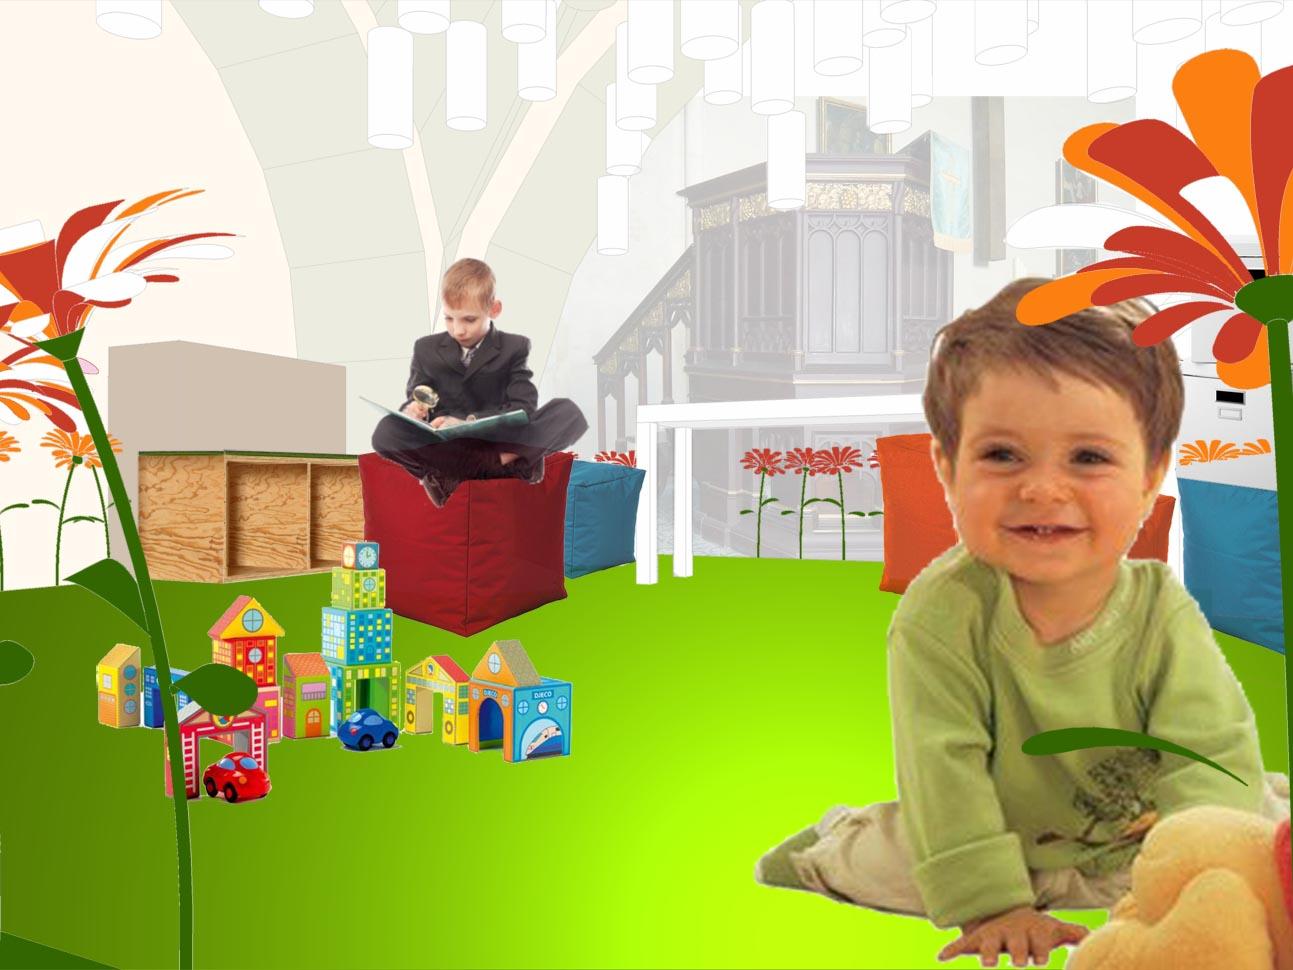 Ausschnitt Spielwiese mit Kindern